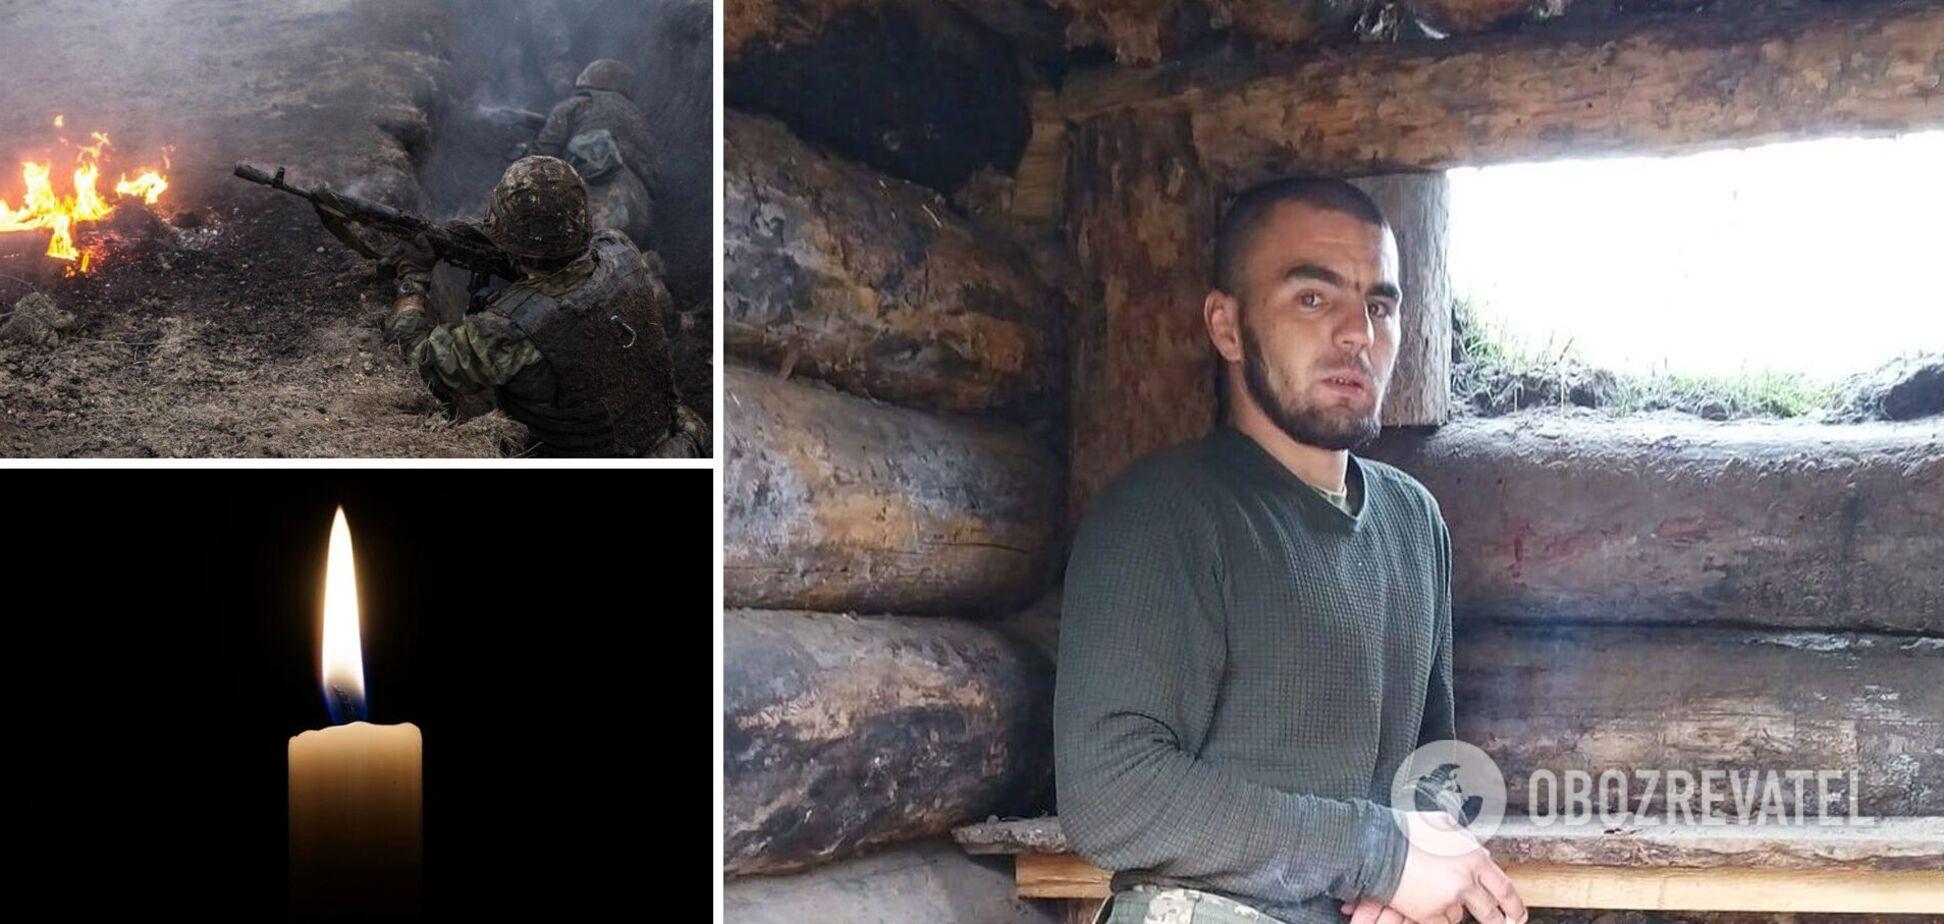 Снайпер РФ убил молодого бойца с Буковины: рвался на фронт с 18 лет, успел жениться и стать отцом